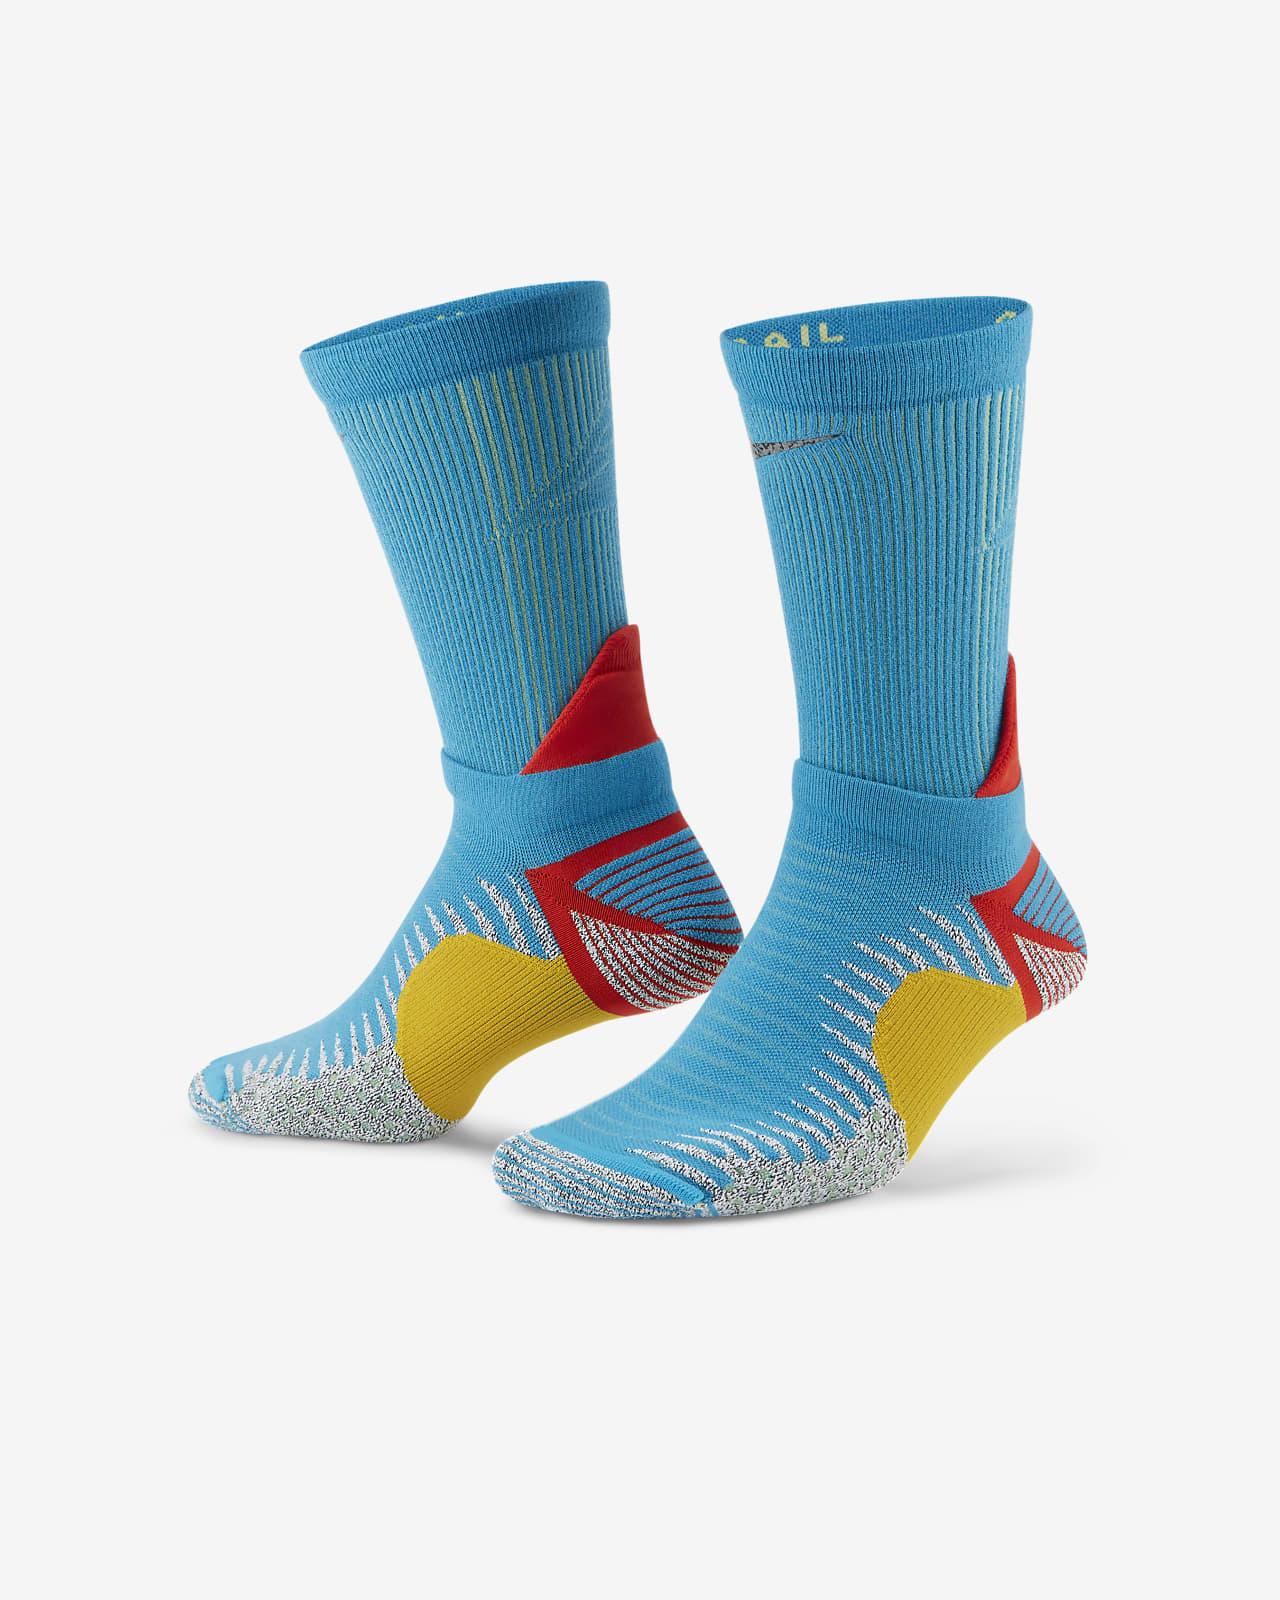 Κάλτσες μεσαίου ύψους για τρέξιμο σε ανώμαλο δρόμο Nike